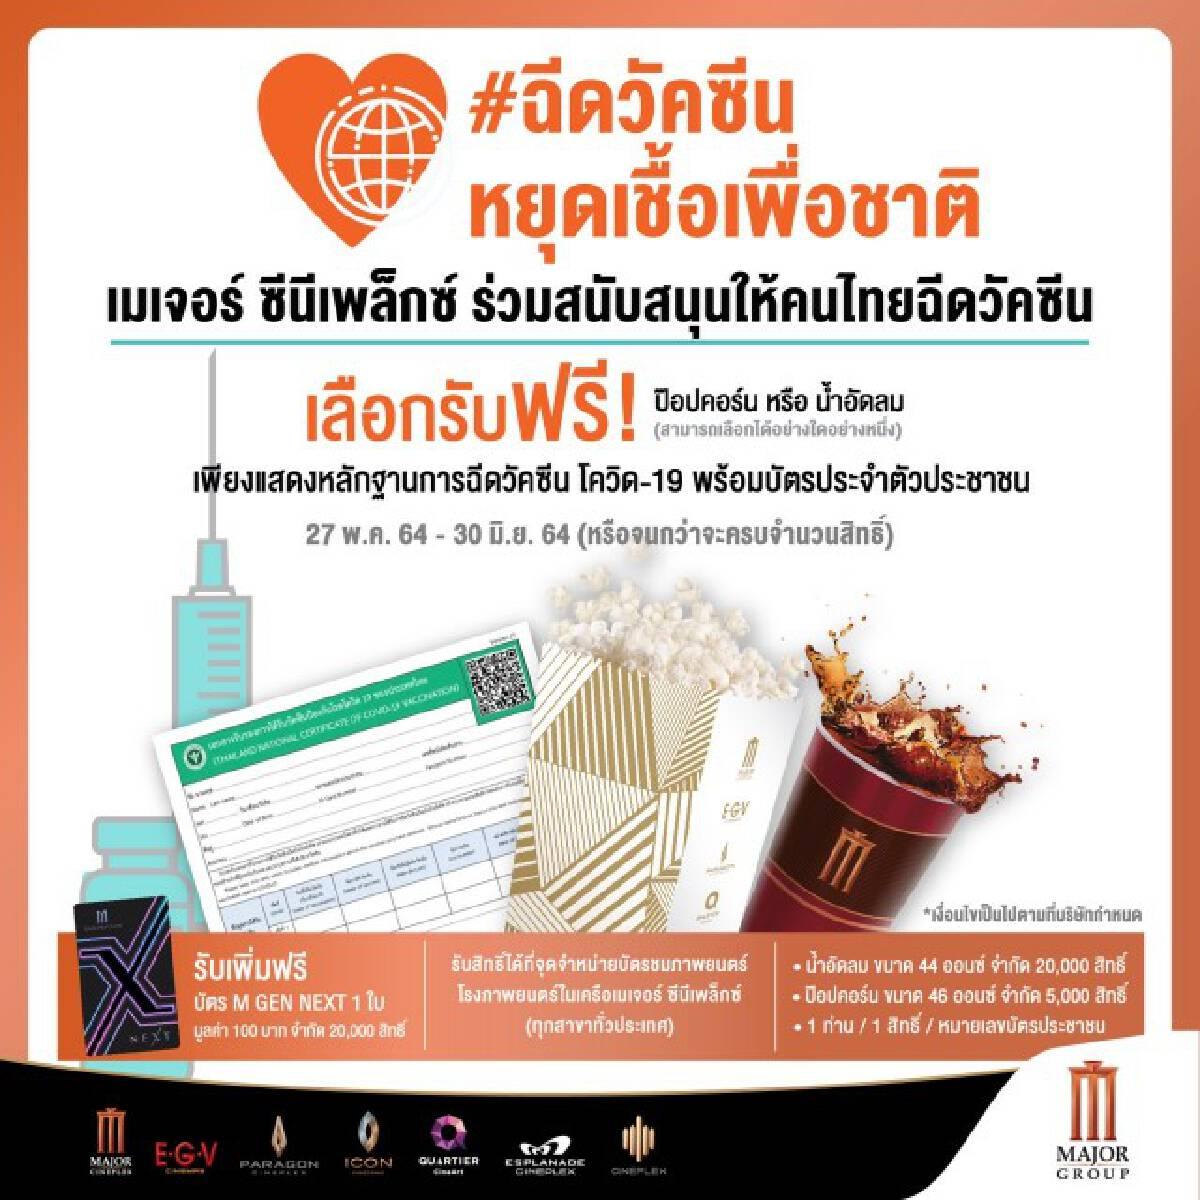 เมเจอร์ฯ หนุนคนไทยฉีดวัคซีนเลือกรับสิทธิ์พิเศษฟรี